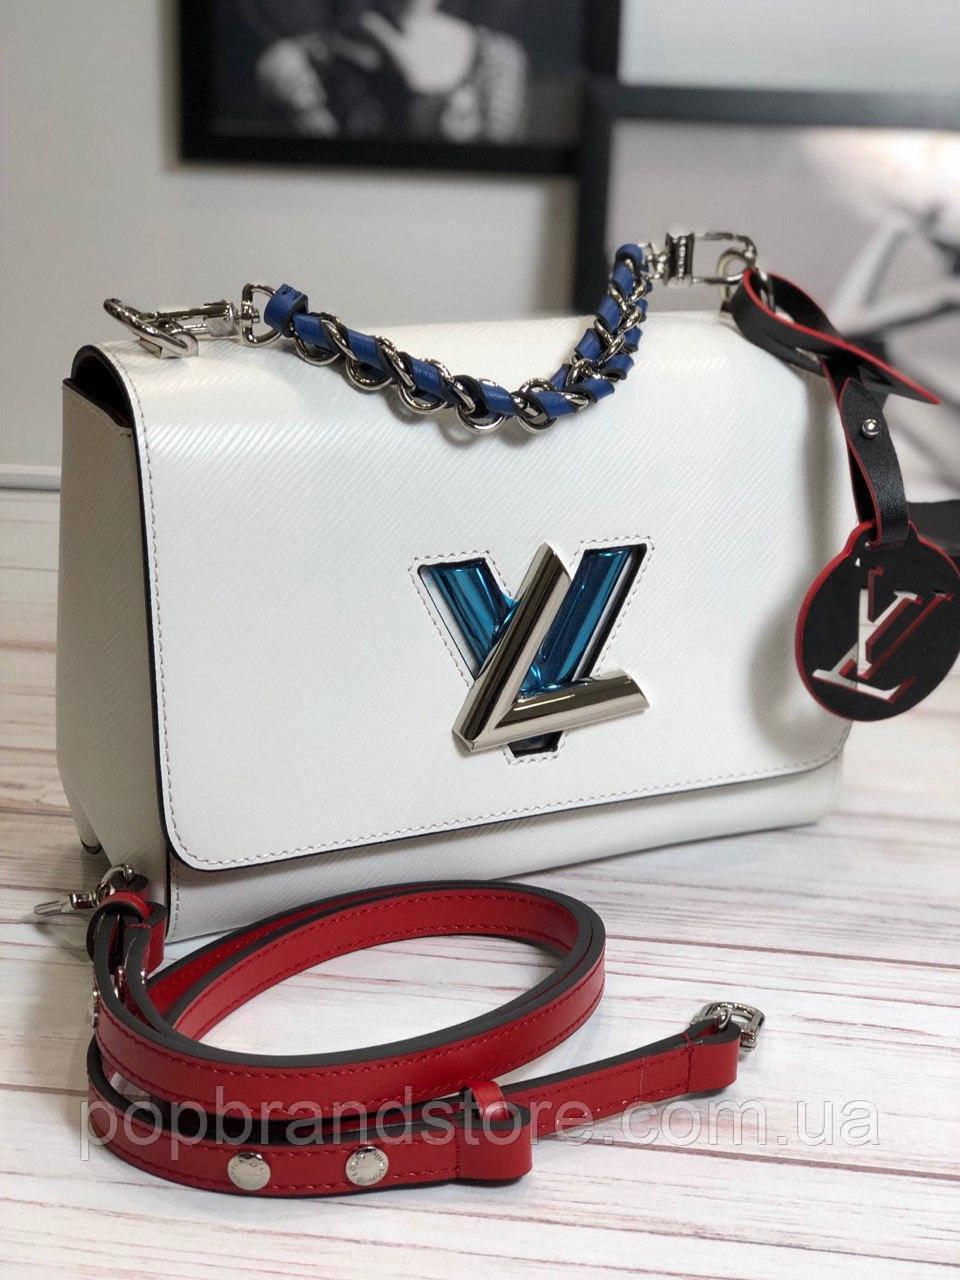 99e4eaa3c32b Клатч LOUIS VUITTON TWIST натуральная кожа (реплика) - Pop Brand Store |  брендовые сумки